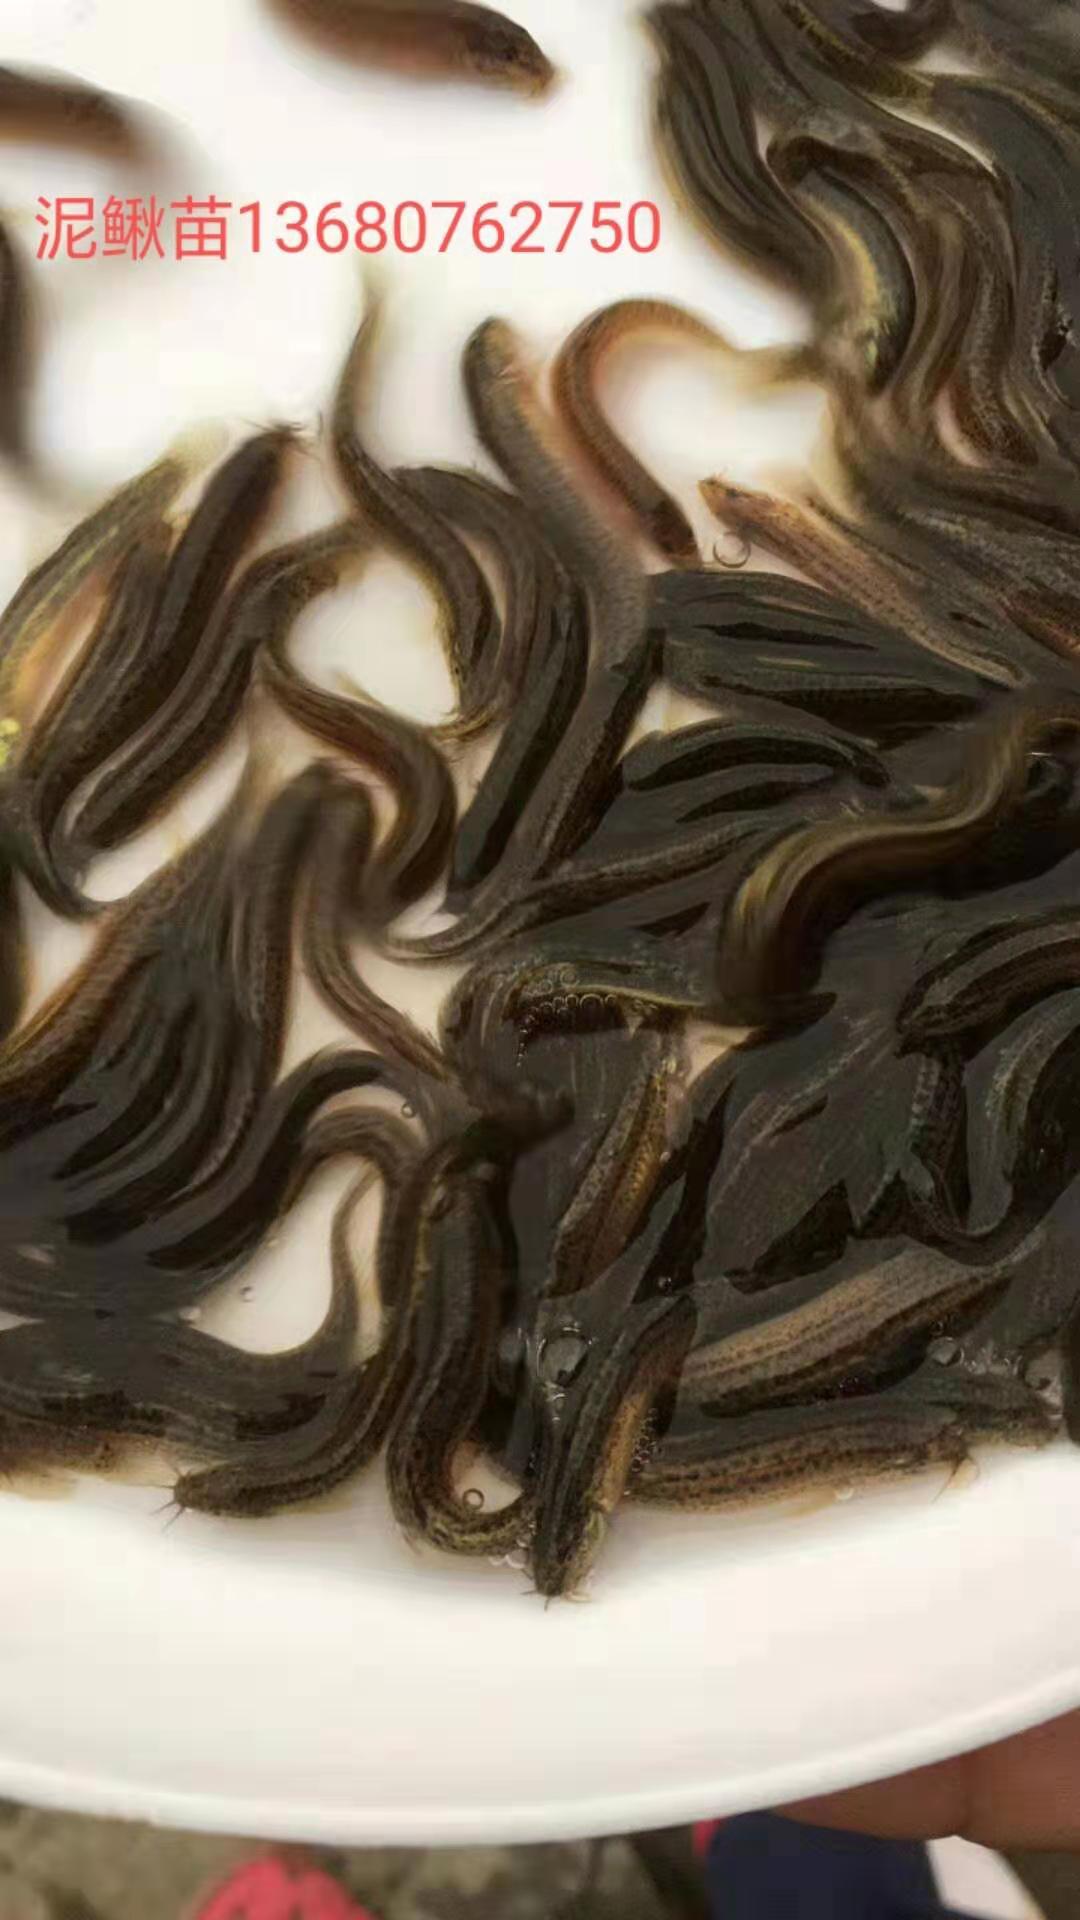 河源市泥鳅鱼苗厂家-供应商-批发